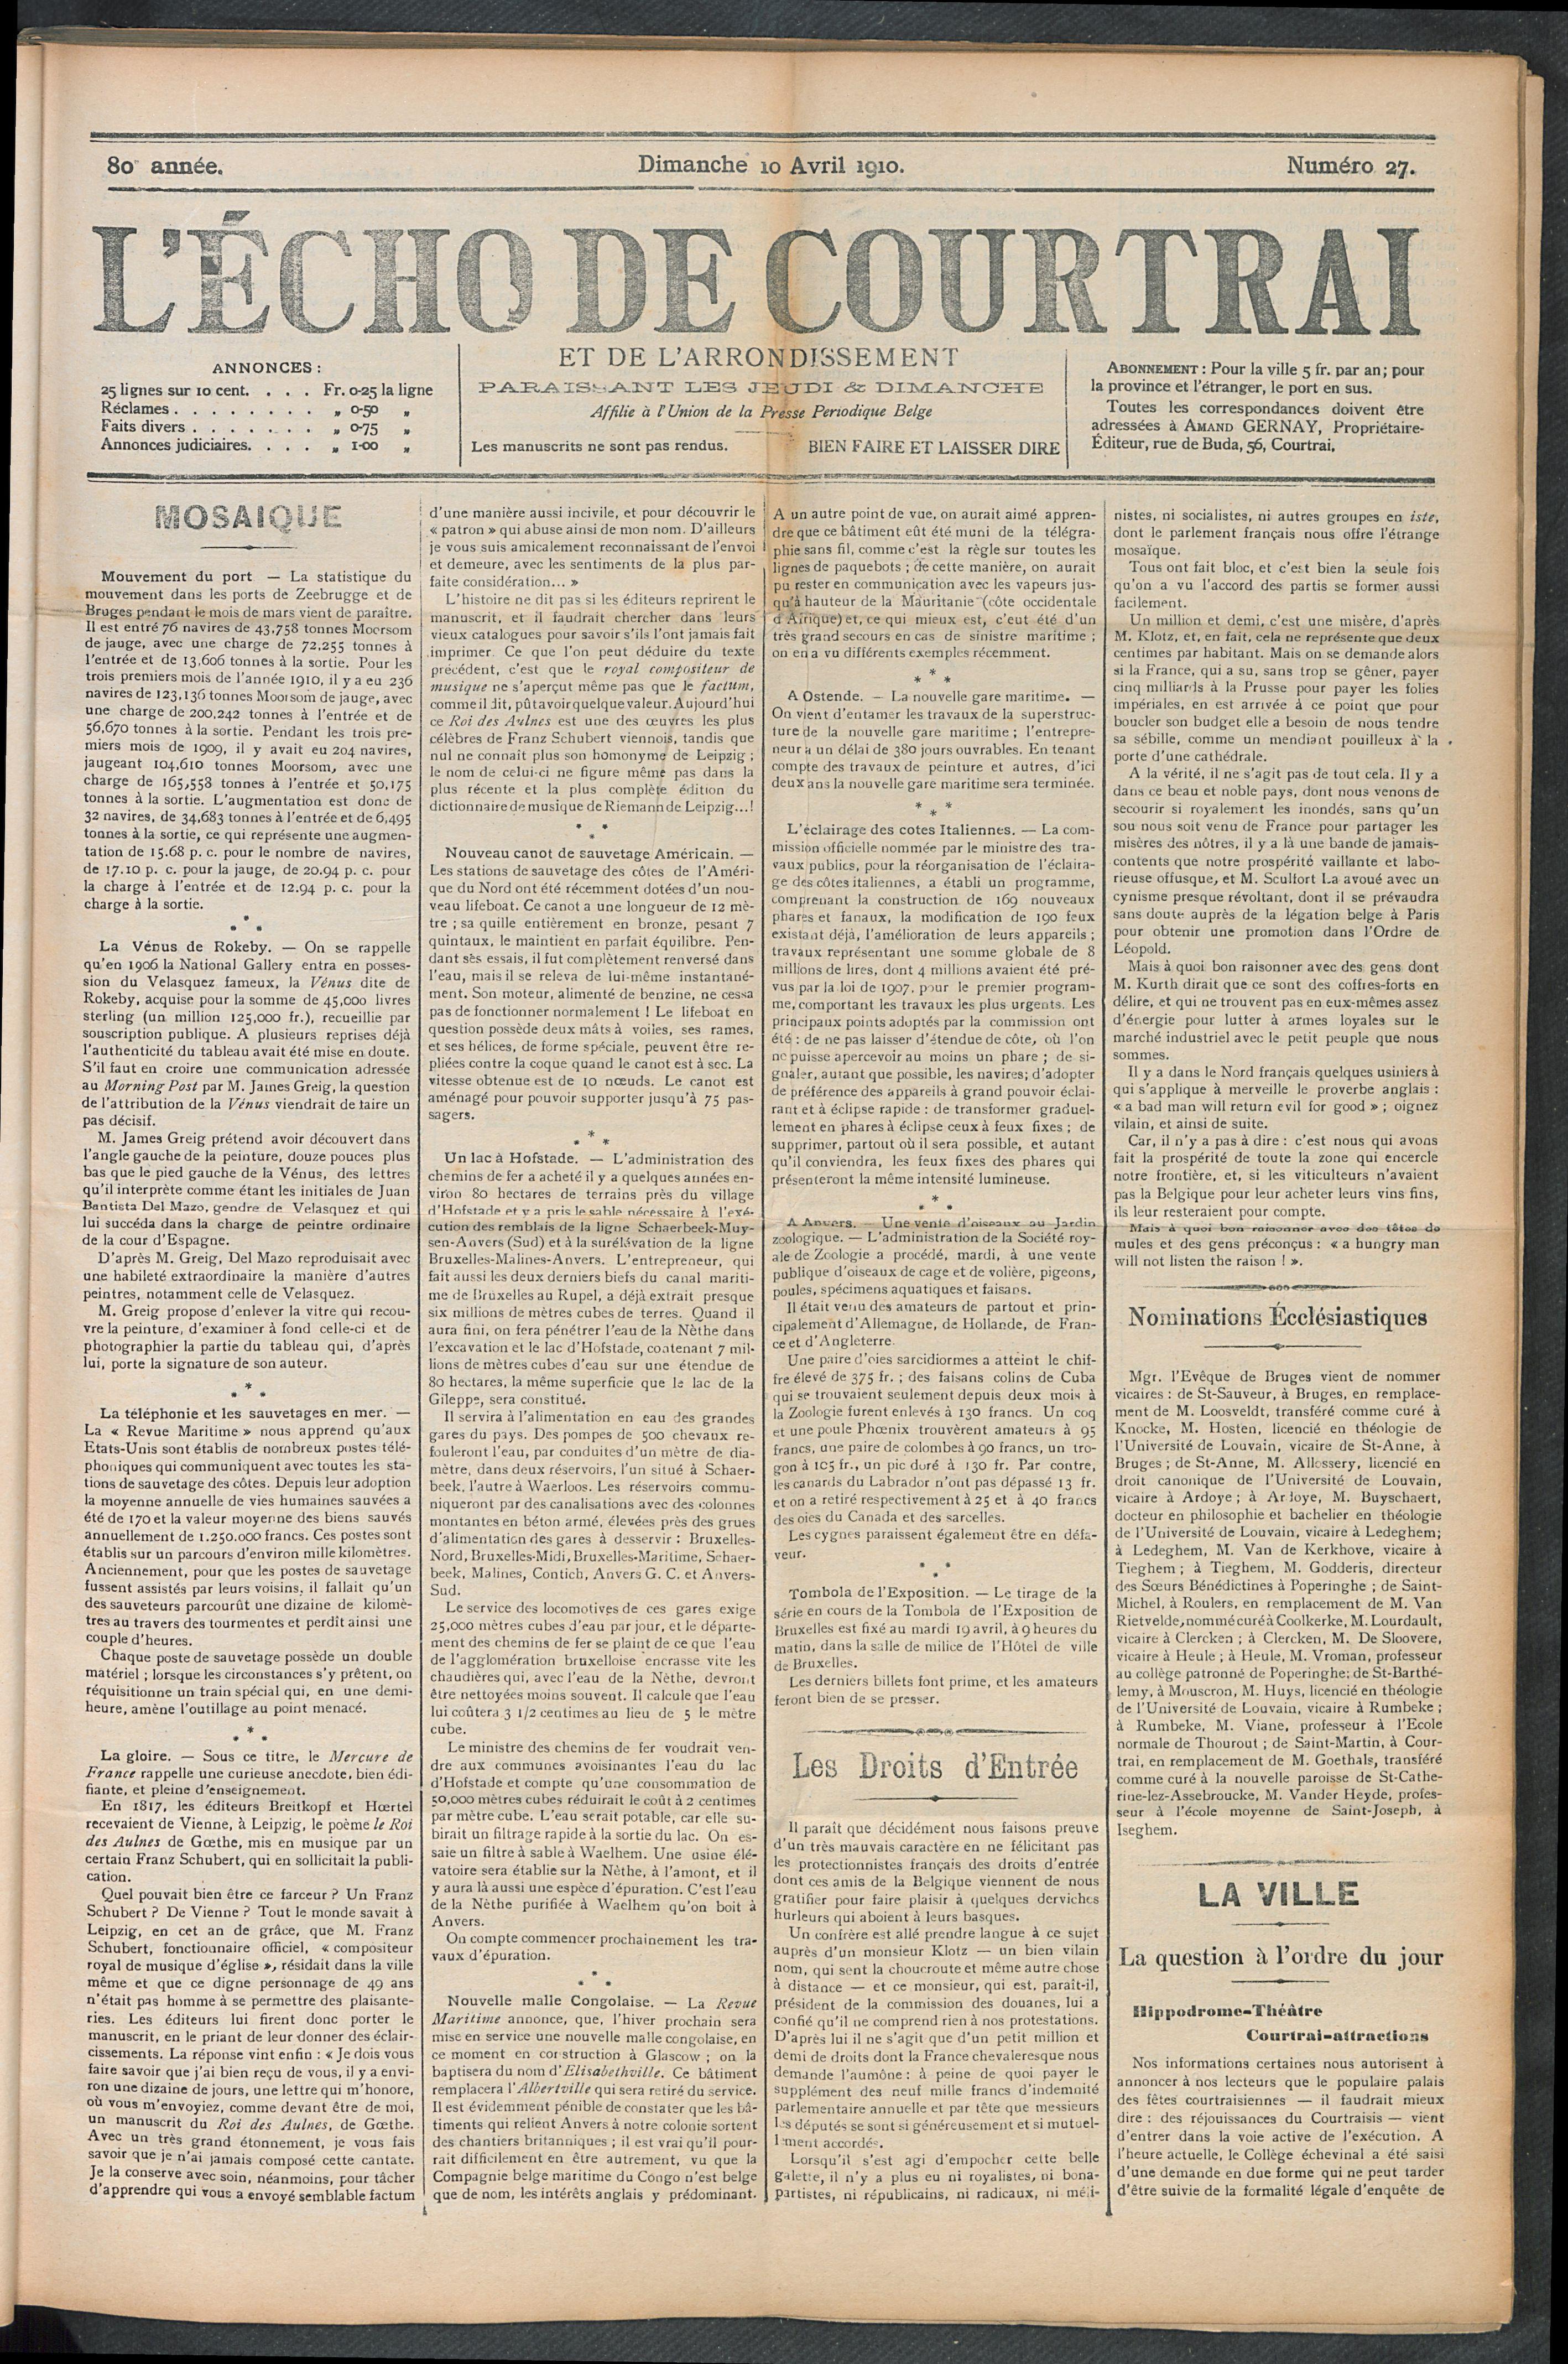 L'echo De Courtrai 1910-04-10 p1